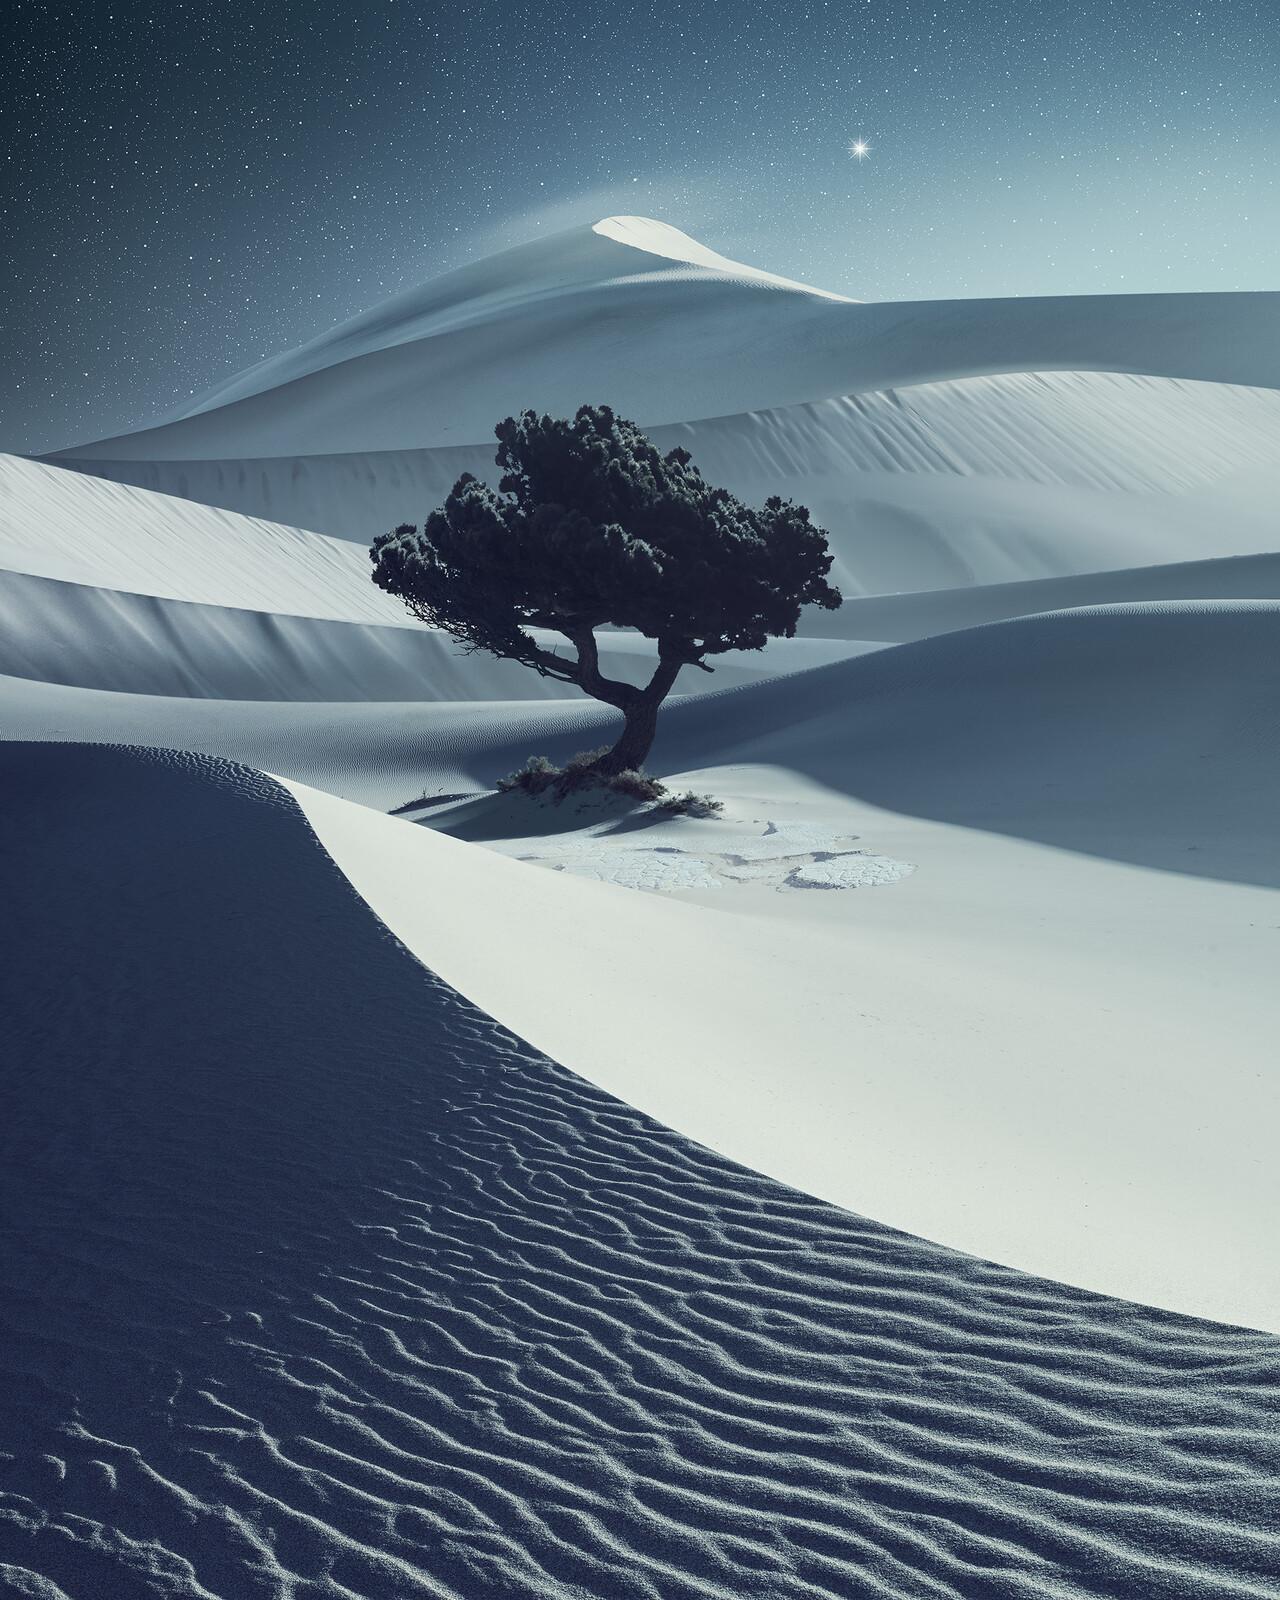 Desertnight - Benjamin Everett